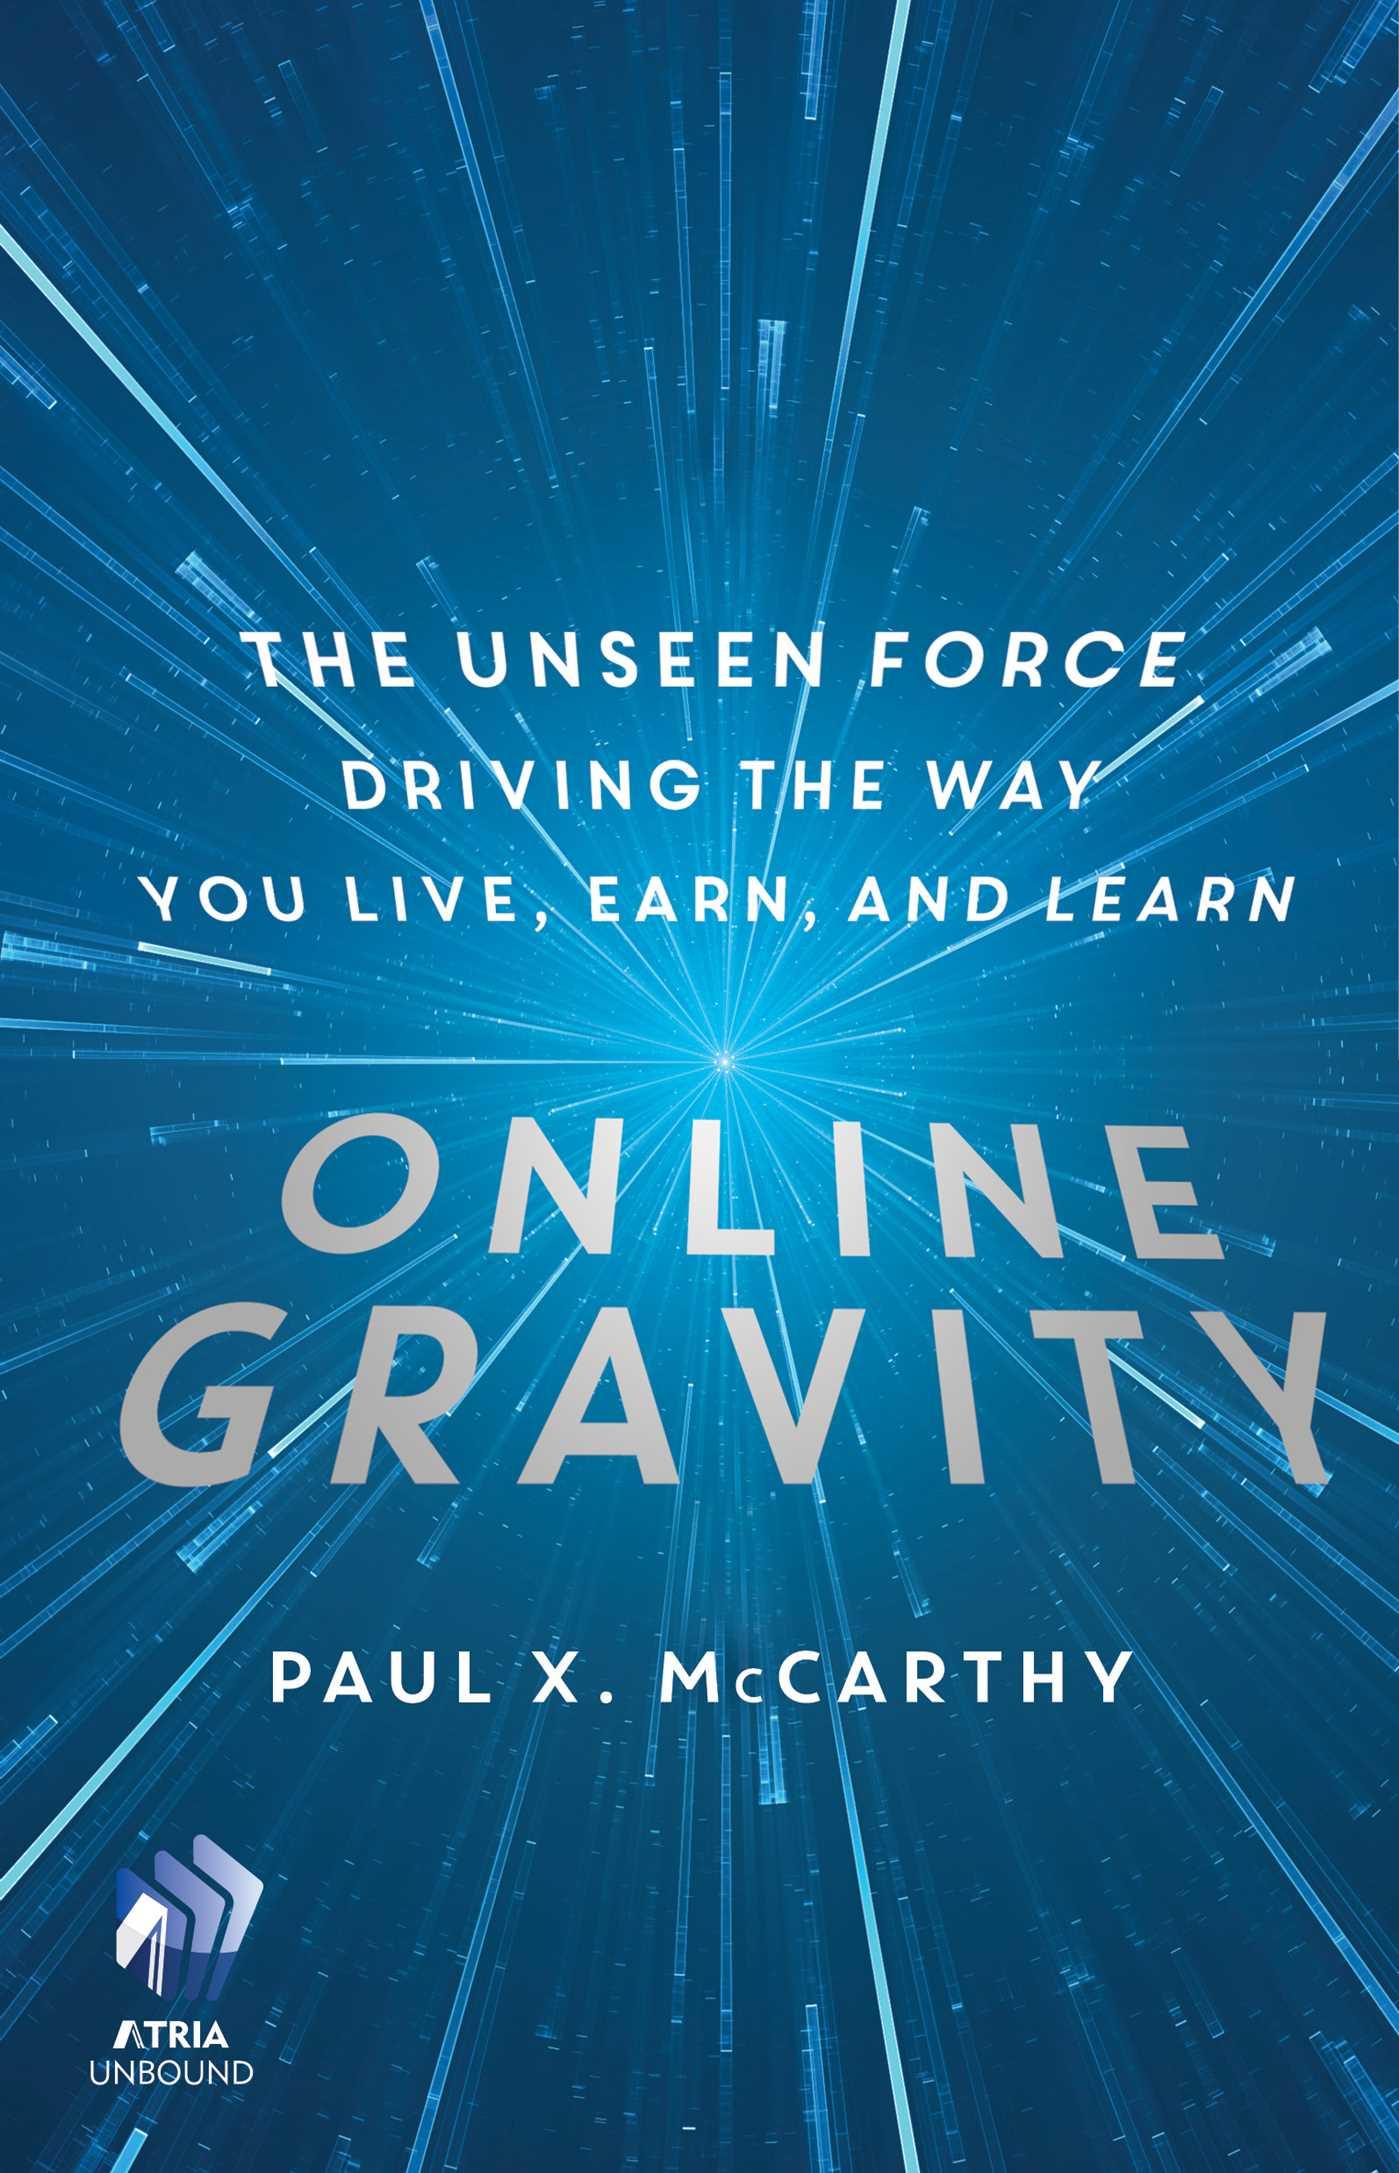 Online gravity 9781476795546 hr